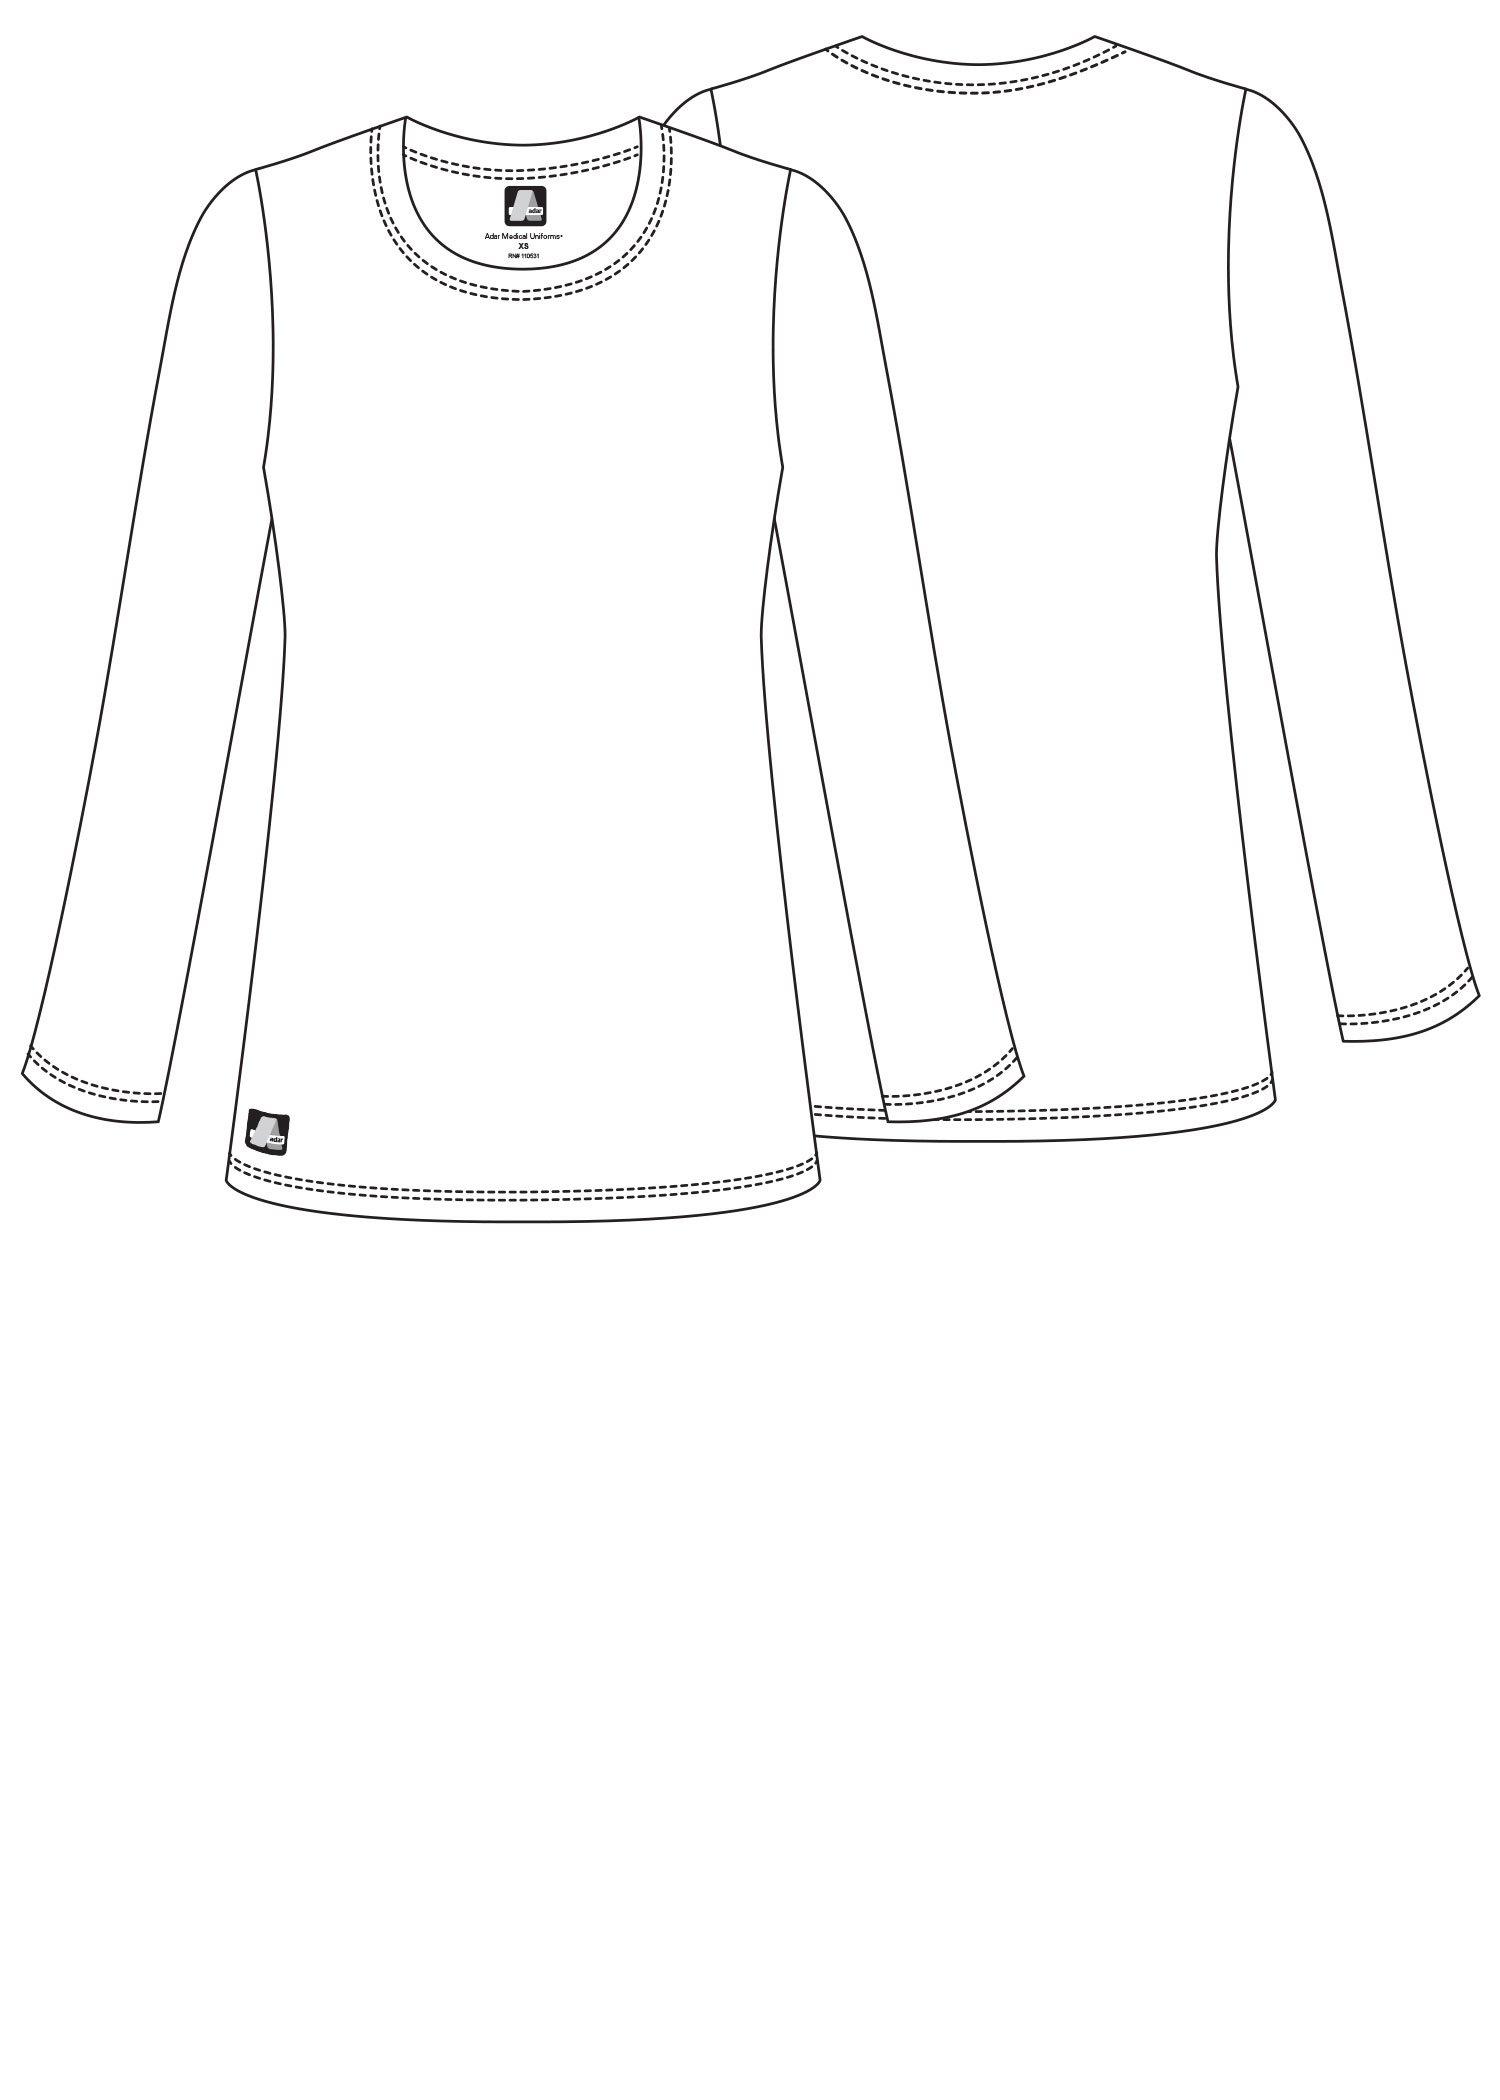 ADAR UNIFORMS Adar Womens Comfort Long Sleeve T-Shirt Underscrub Tee - 2900 - Burgundy - M by ADAR UNIFORMS (Image #6)